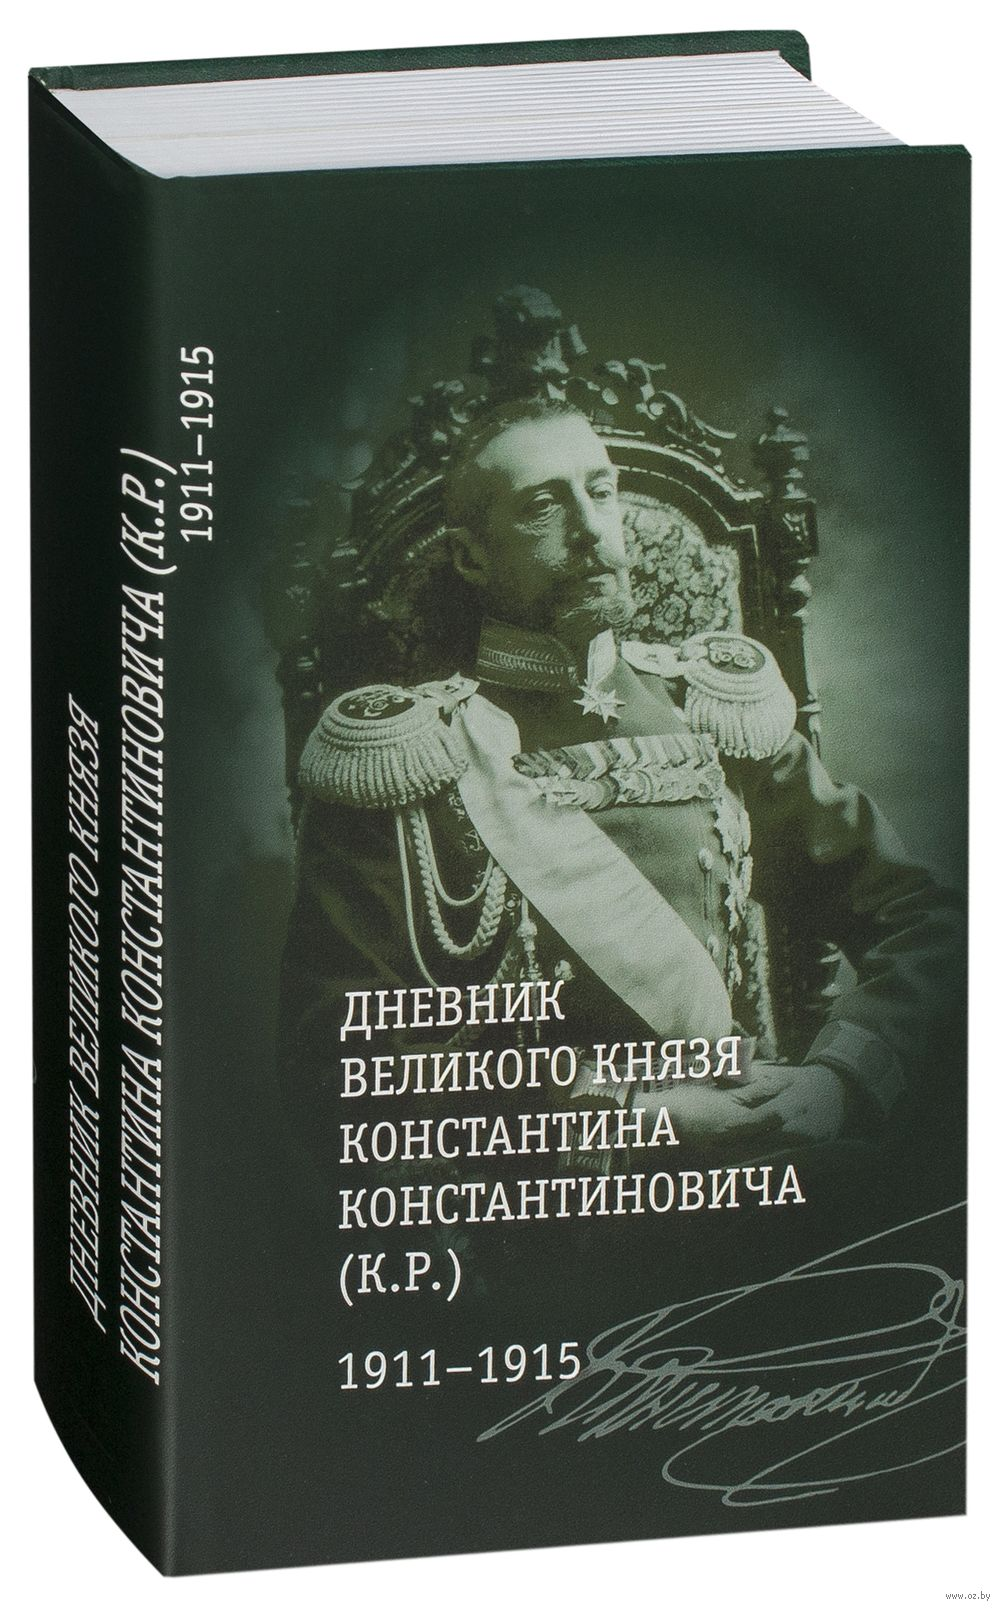 без ума дневники великого князя константина константиновича романова использовать одни